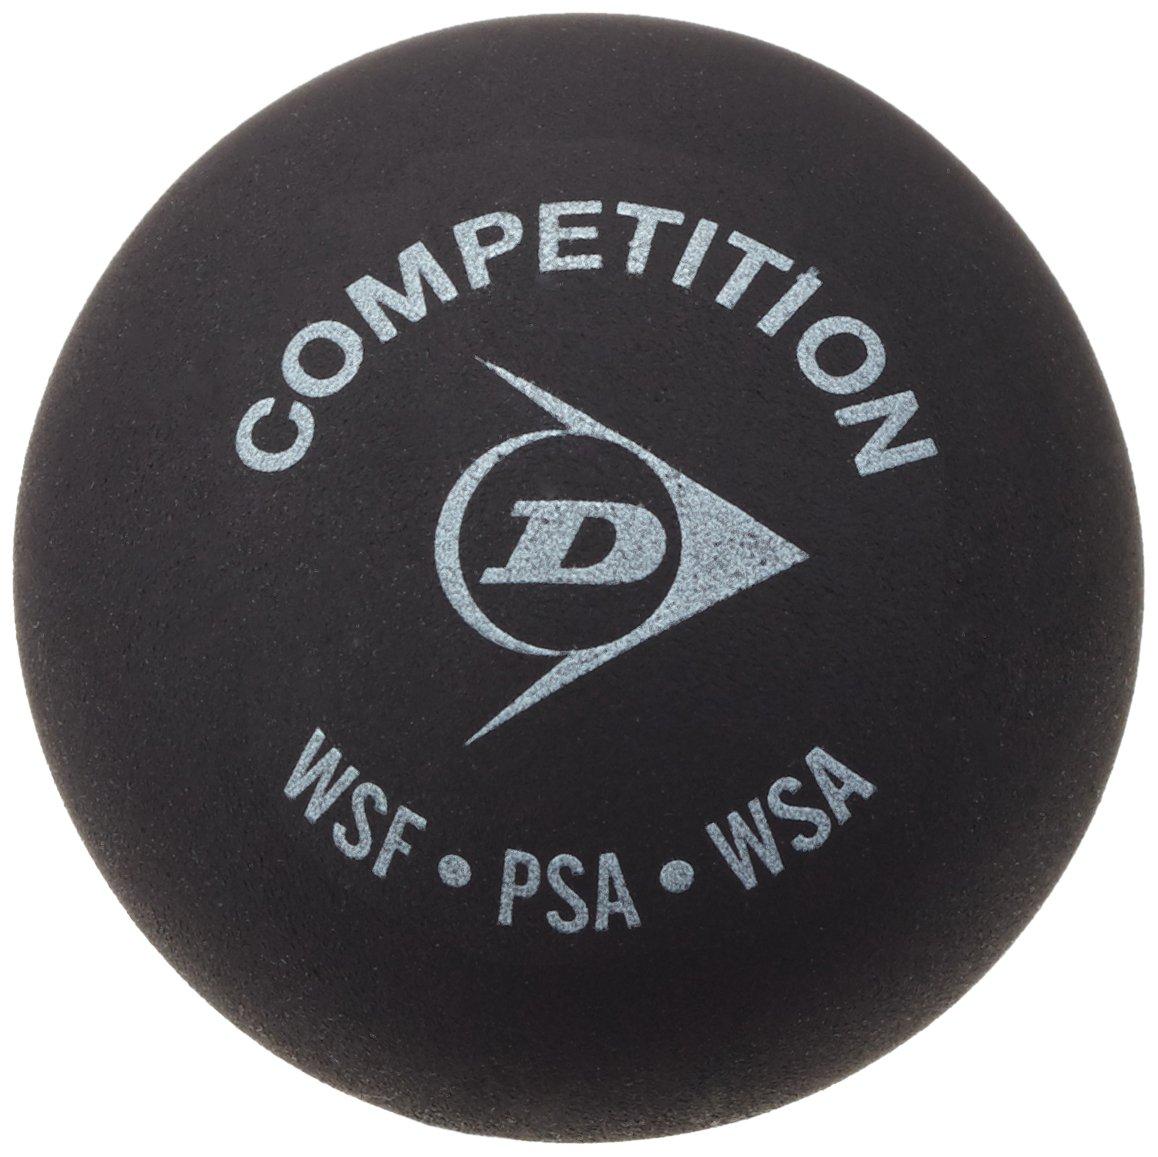 Dunlop Compétition de balle de Squash Dunlop Balle de squash Noir DL-SBALL/G